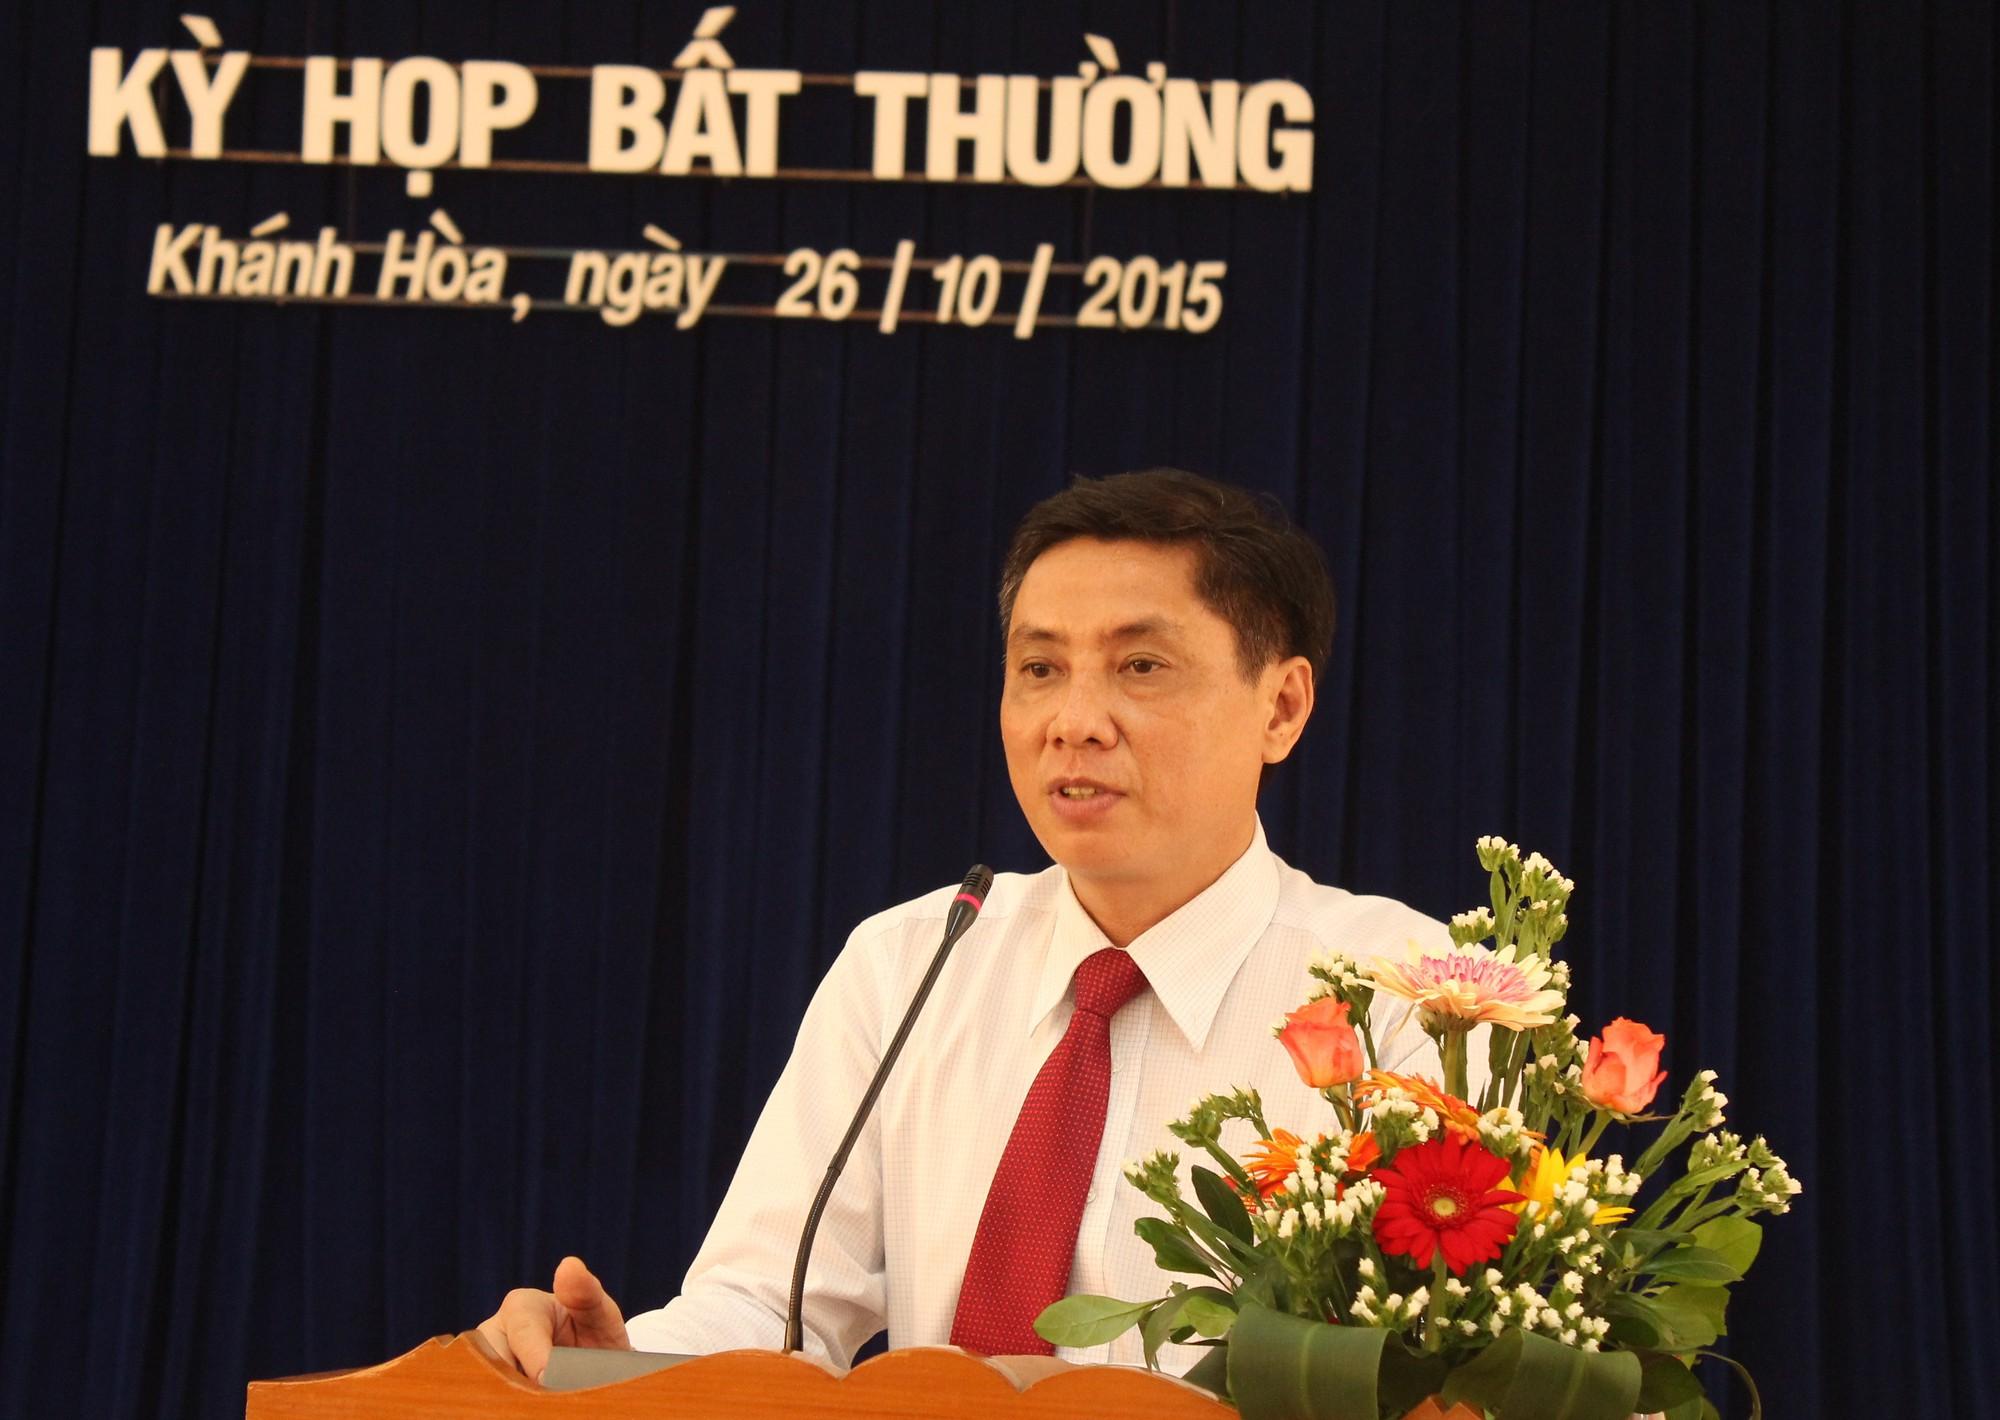 [eMagazine] - Chân dung 5 lãnh đạo của Khánh Hòa bị đề nghị kỷ luật - Ảnh 4.